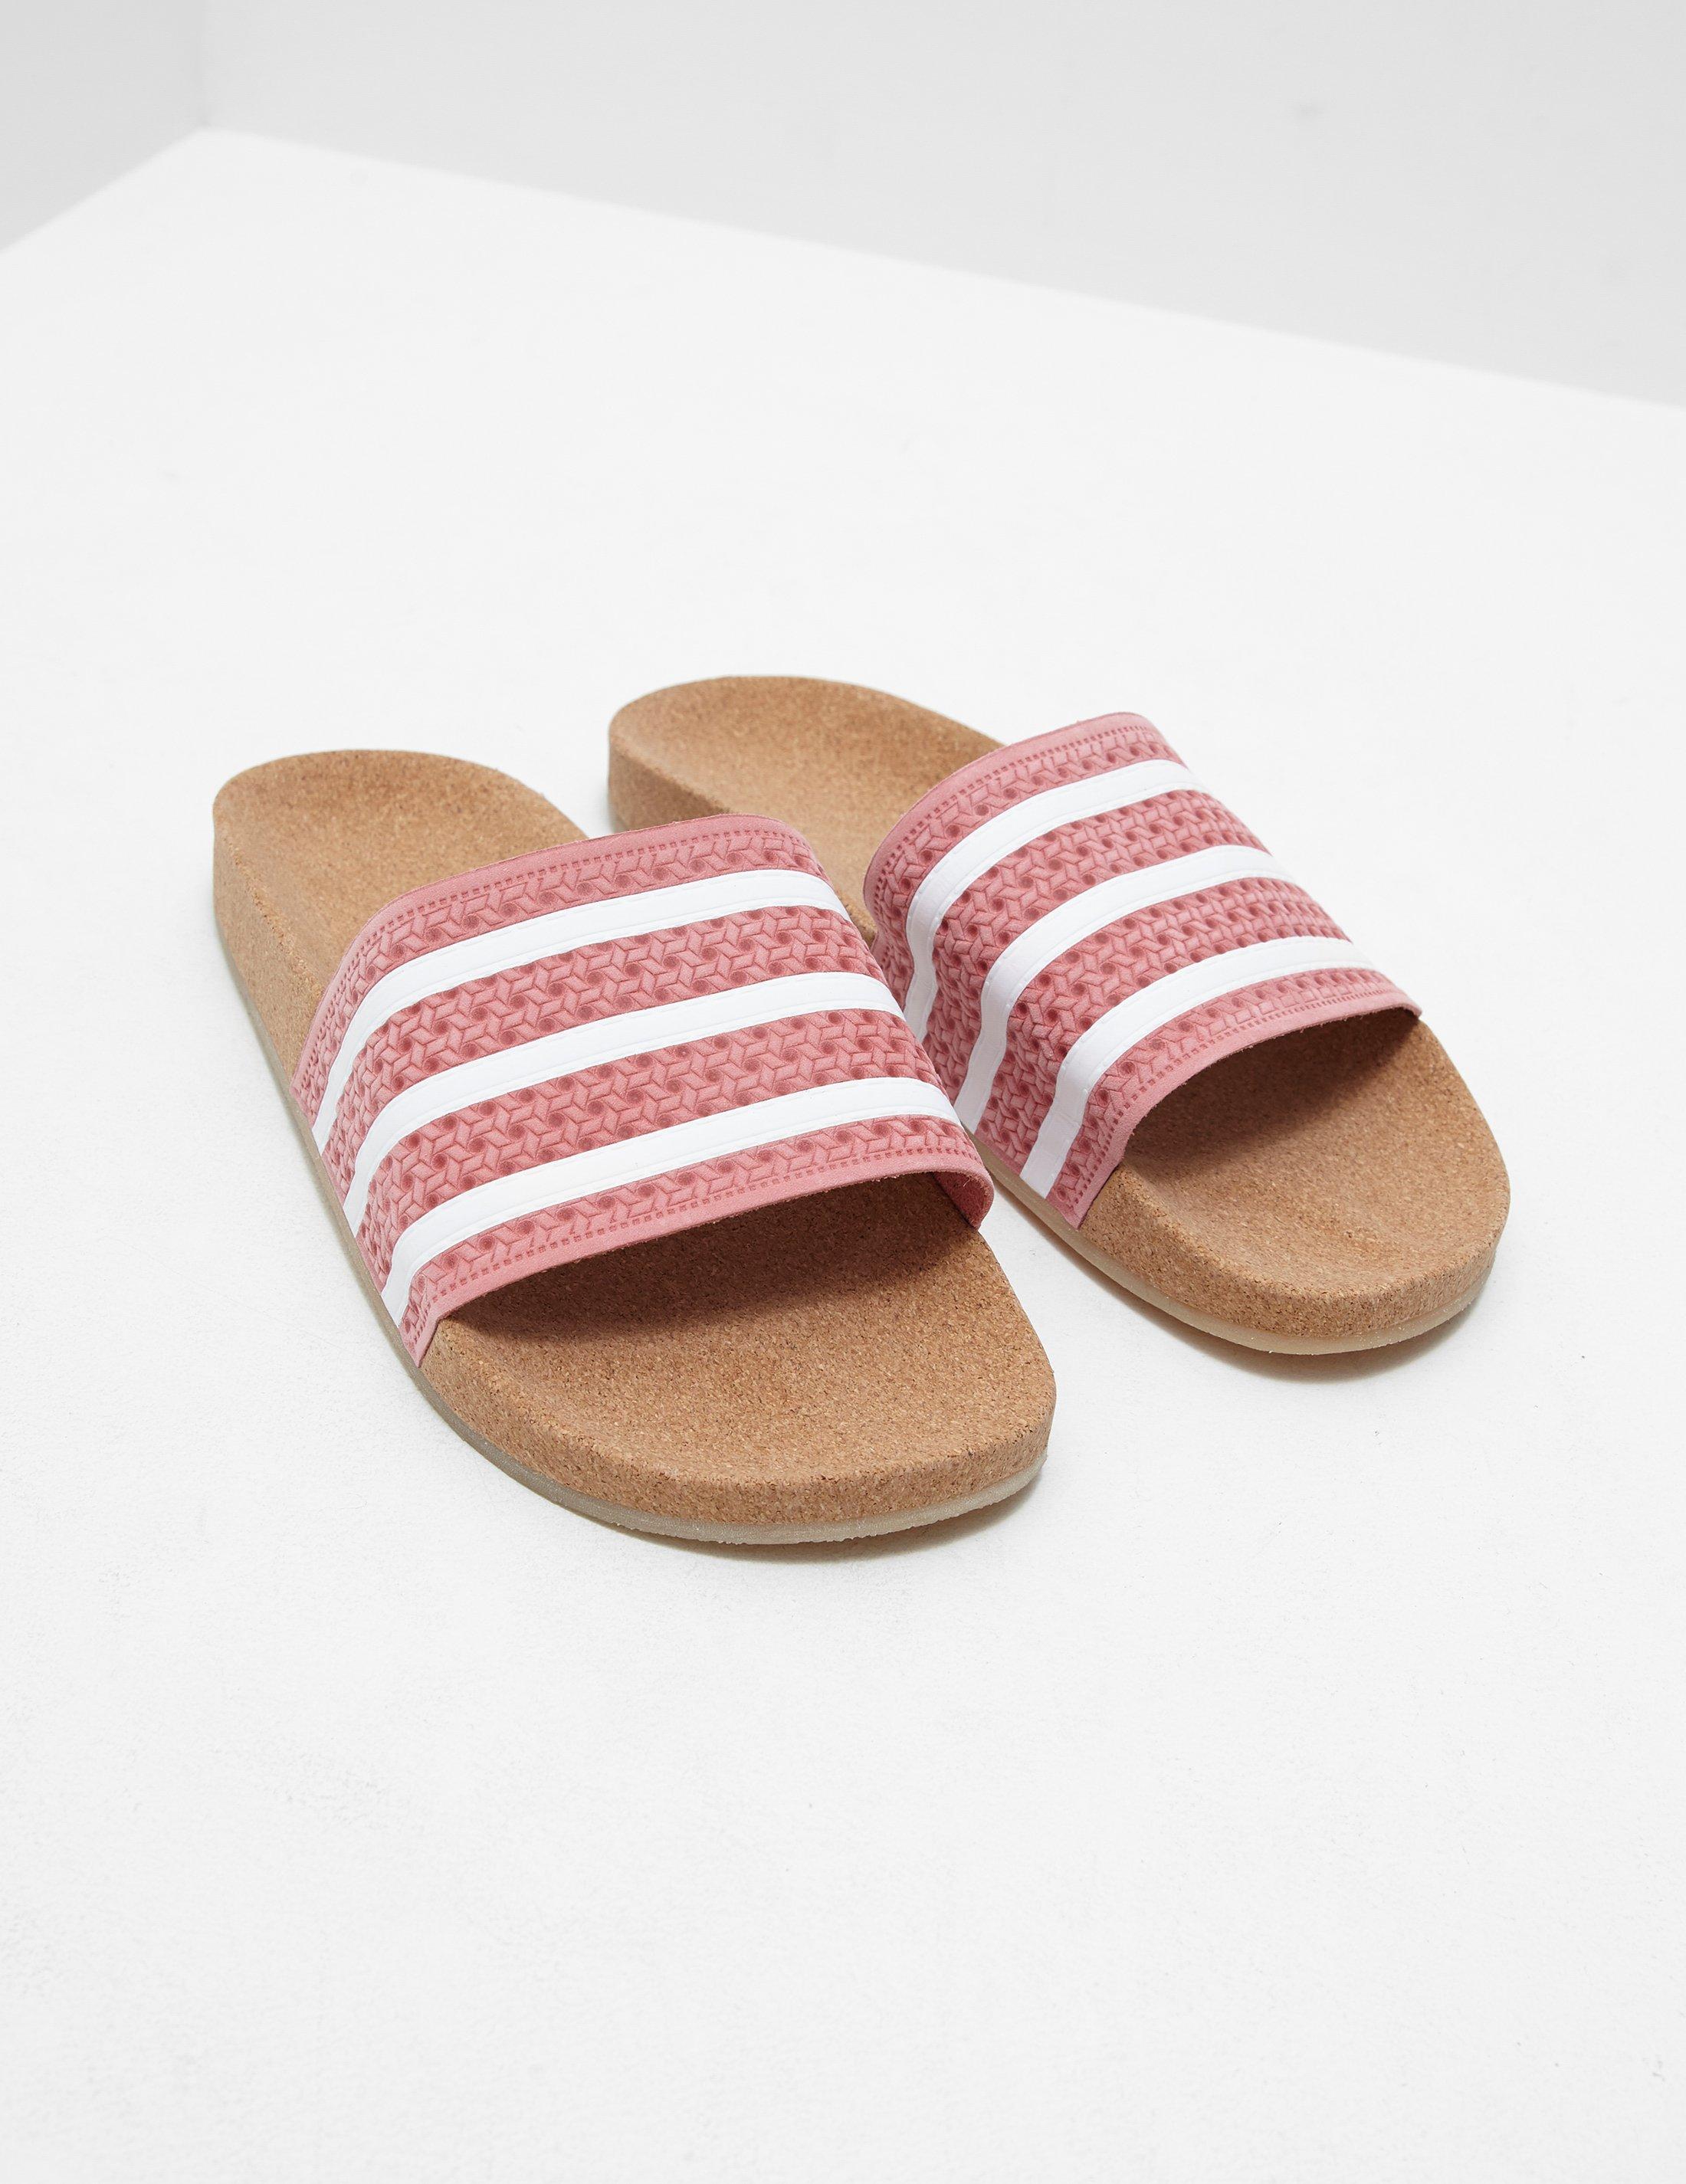 Adidas Originals Womens Adilette Cork Slides Pink